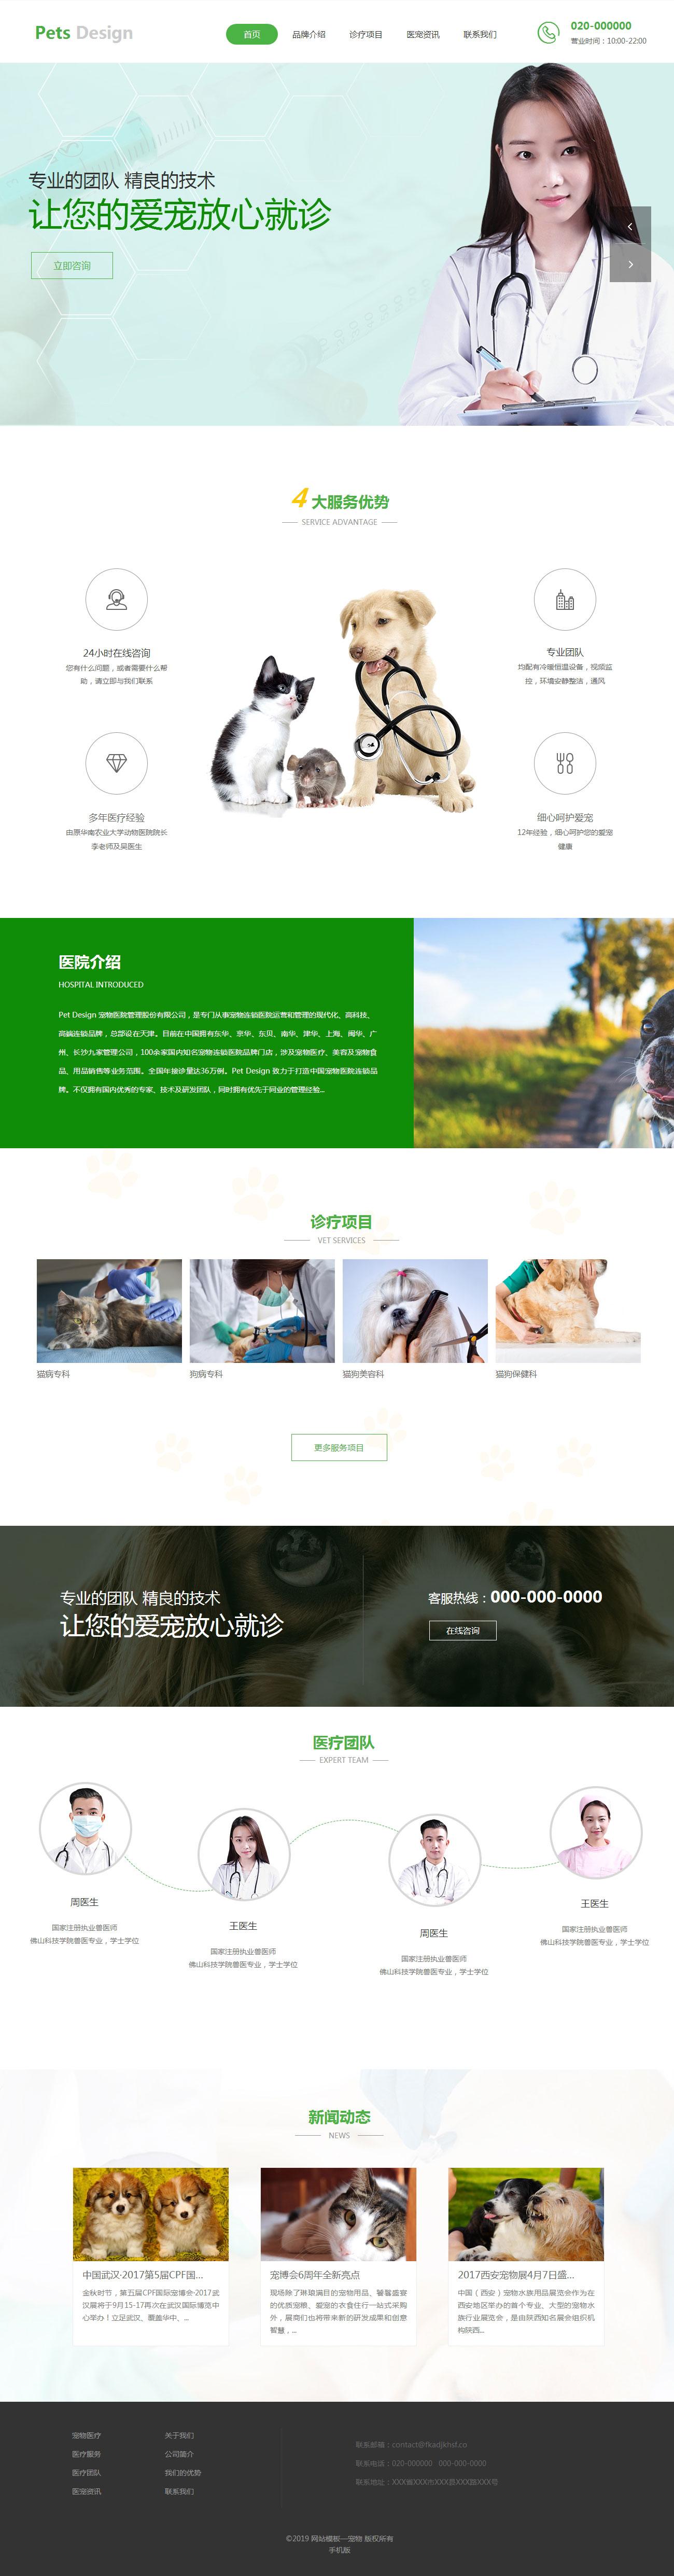 专业宠物医院就诊预约网站模板